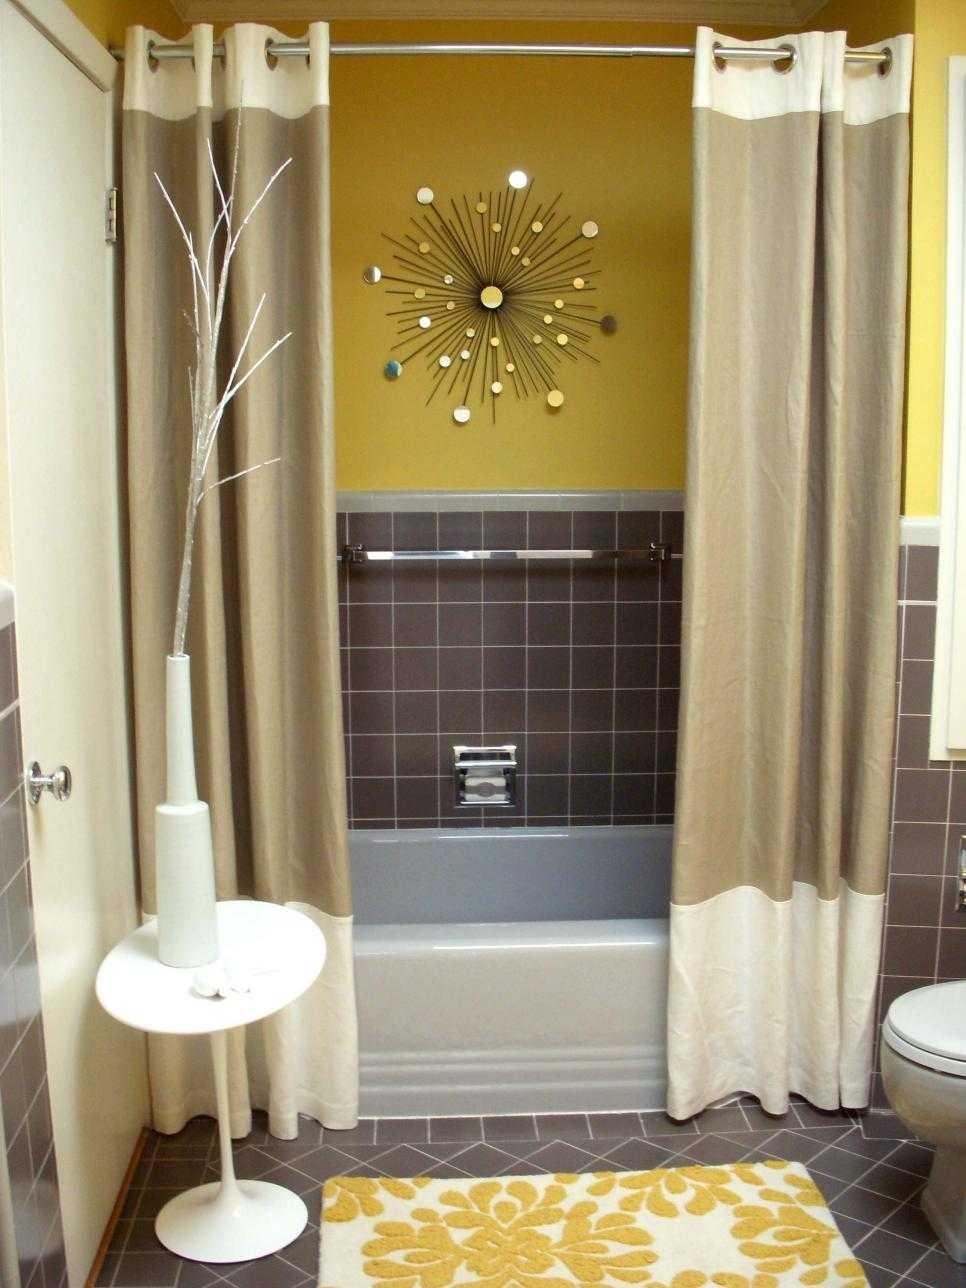 10 Cute Bathroom Decor Ideas On A Budget %name 2020